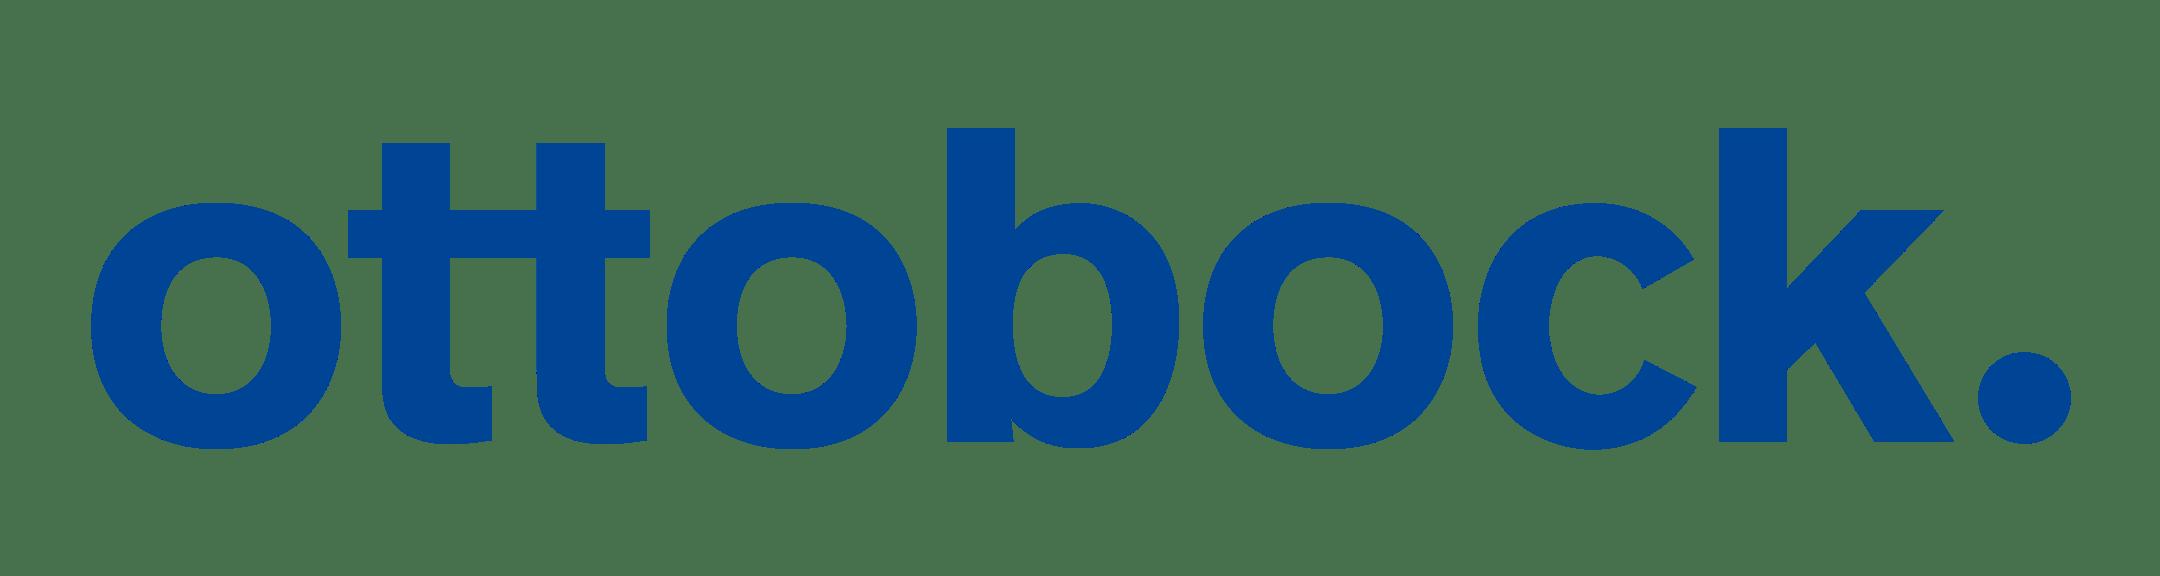 Otto Bock HealthCare company logo